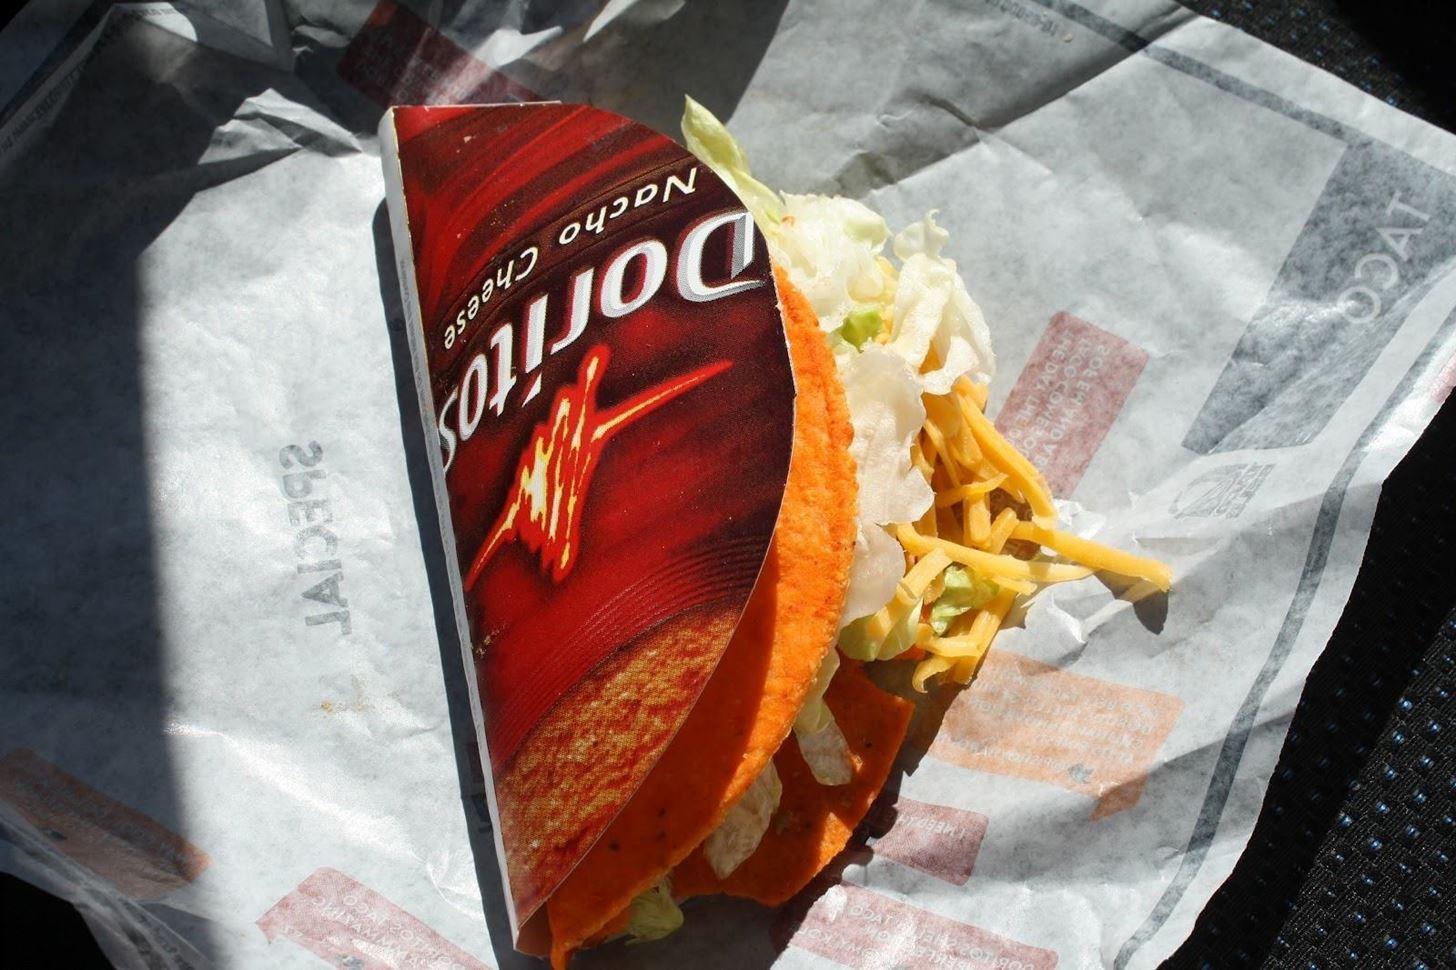 How to Clone Taco Bell's Doritos Locos Tacos at Home